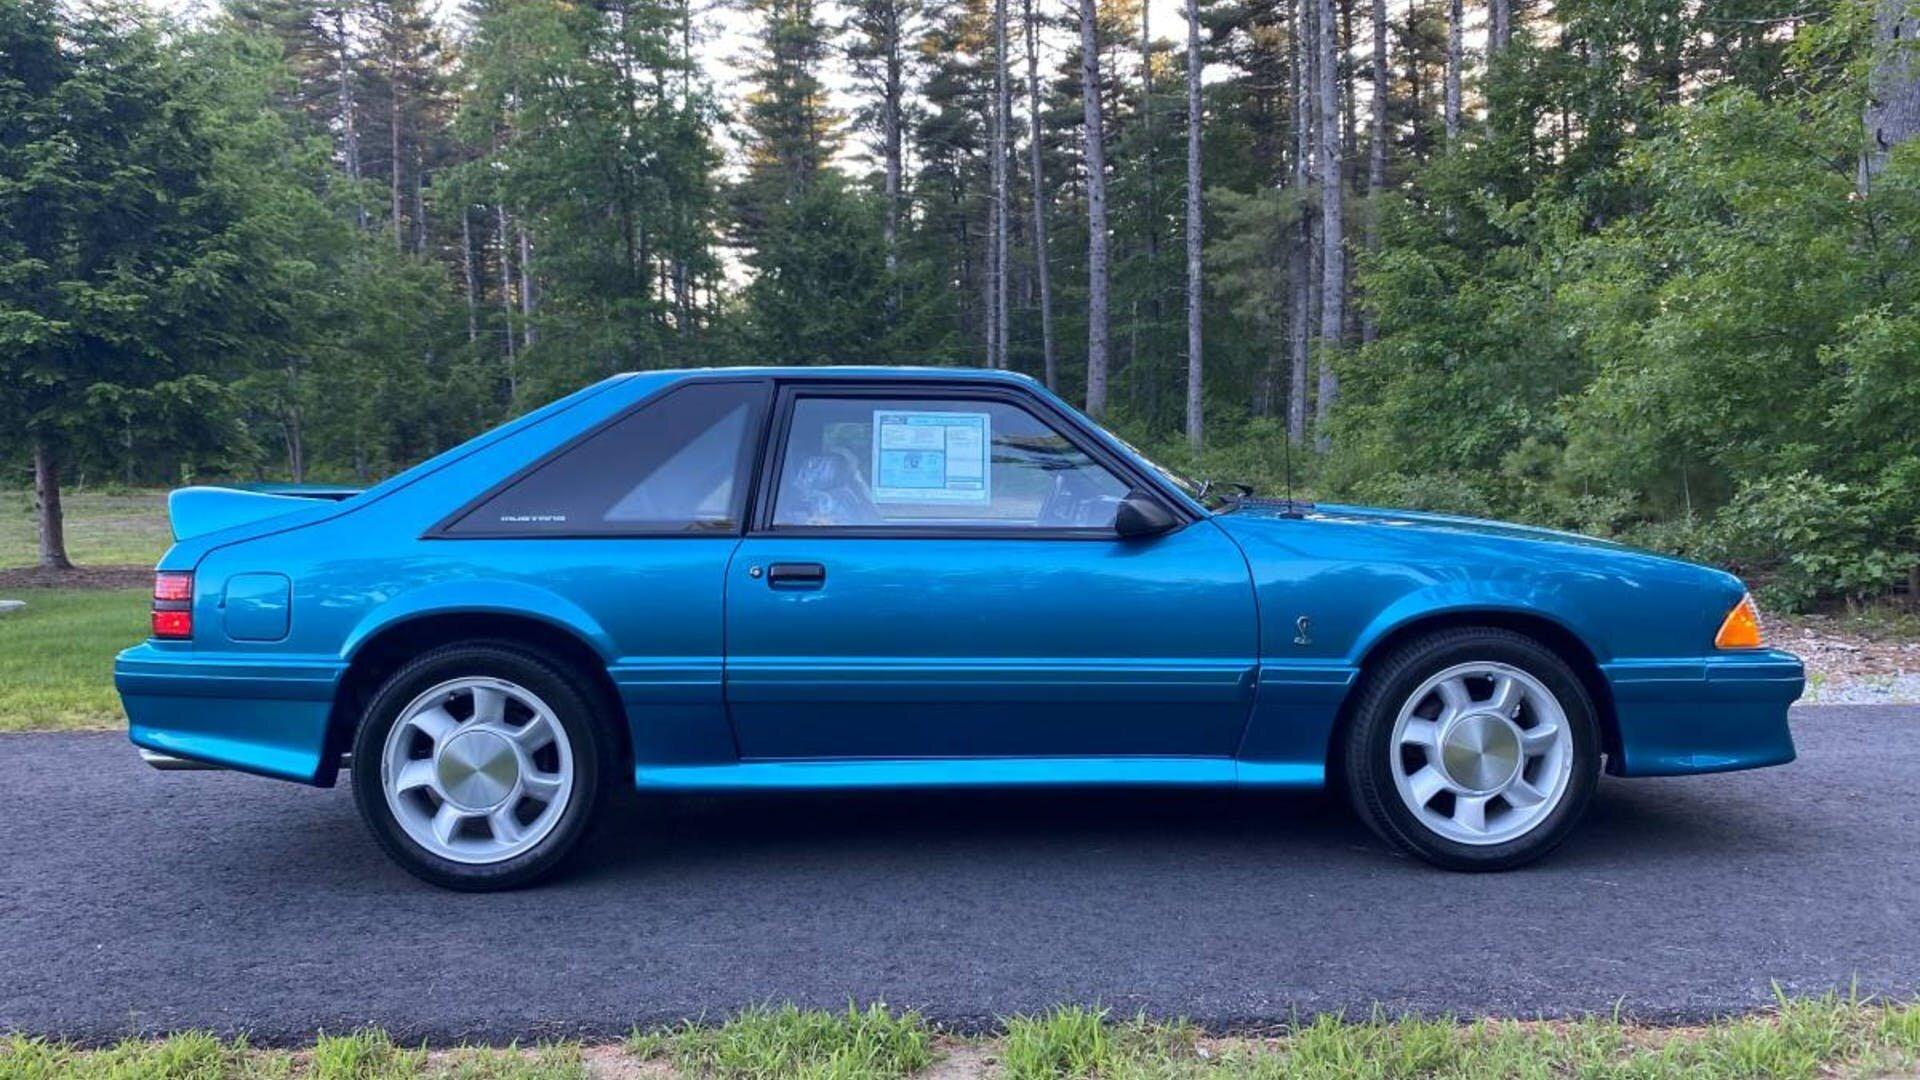 For Sale 1993 Ford Mustang Svt Cobra Teal 5 0l V8 5 Speed 255 Miles 75k Stangbangers